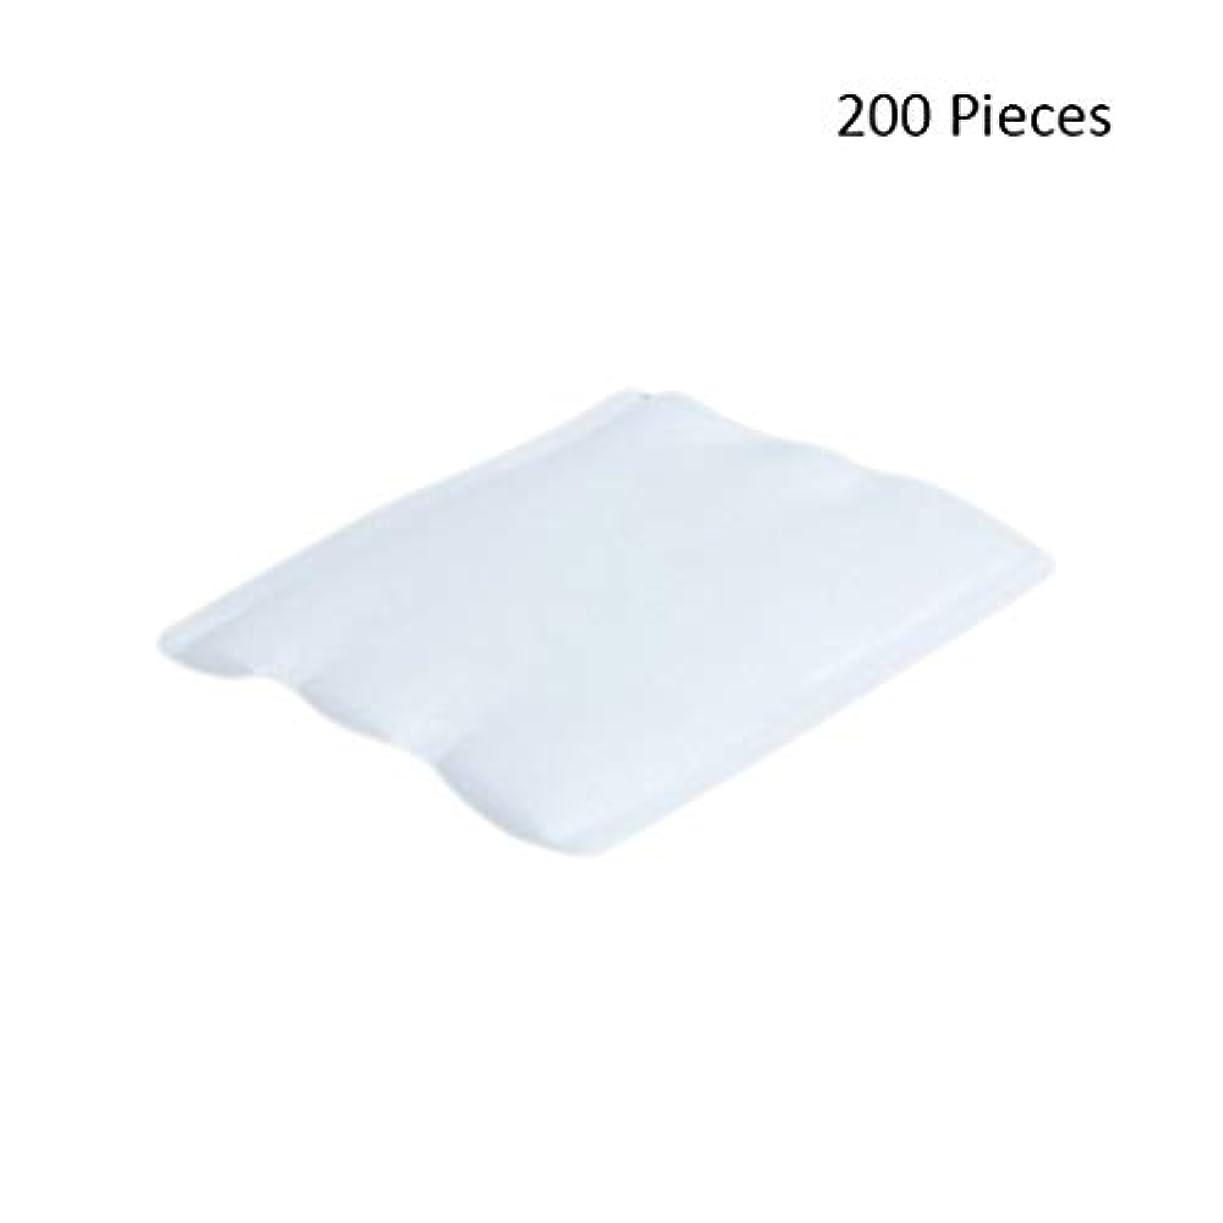 ギャップ遠征ビデオ200ピースフェイスメイクアップリムーバーオーガニックフェイシャルクレンジングメイクアップ化粧品リムーバーワイプフェイスウォッシュスキンケアコットンパッド (Color : White, サイズ : 6*5cm)